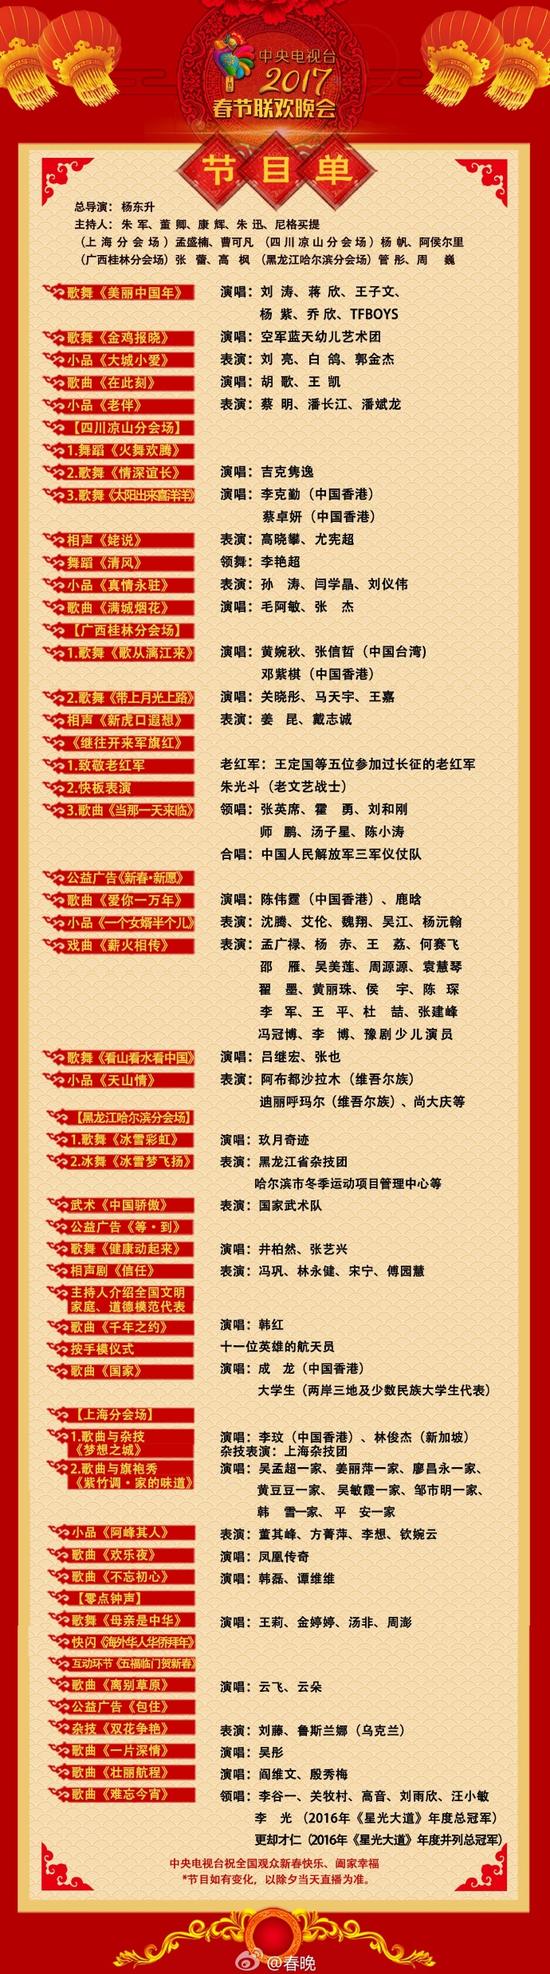 中央電視臺2017年春節聯歡晚會節目單火熱出爐啦!圖片